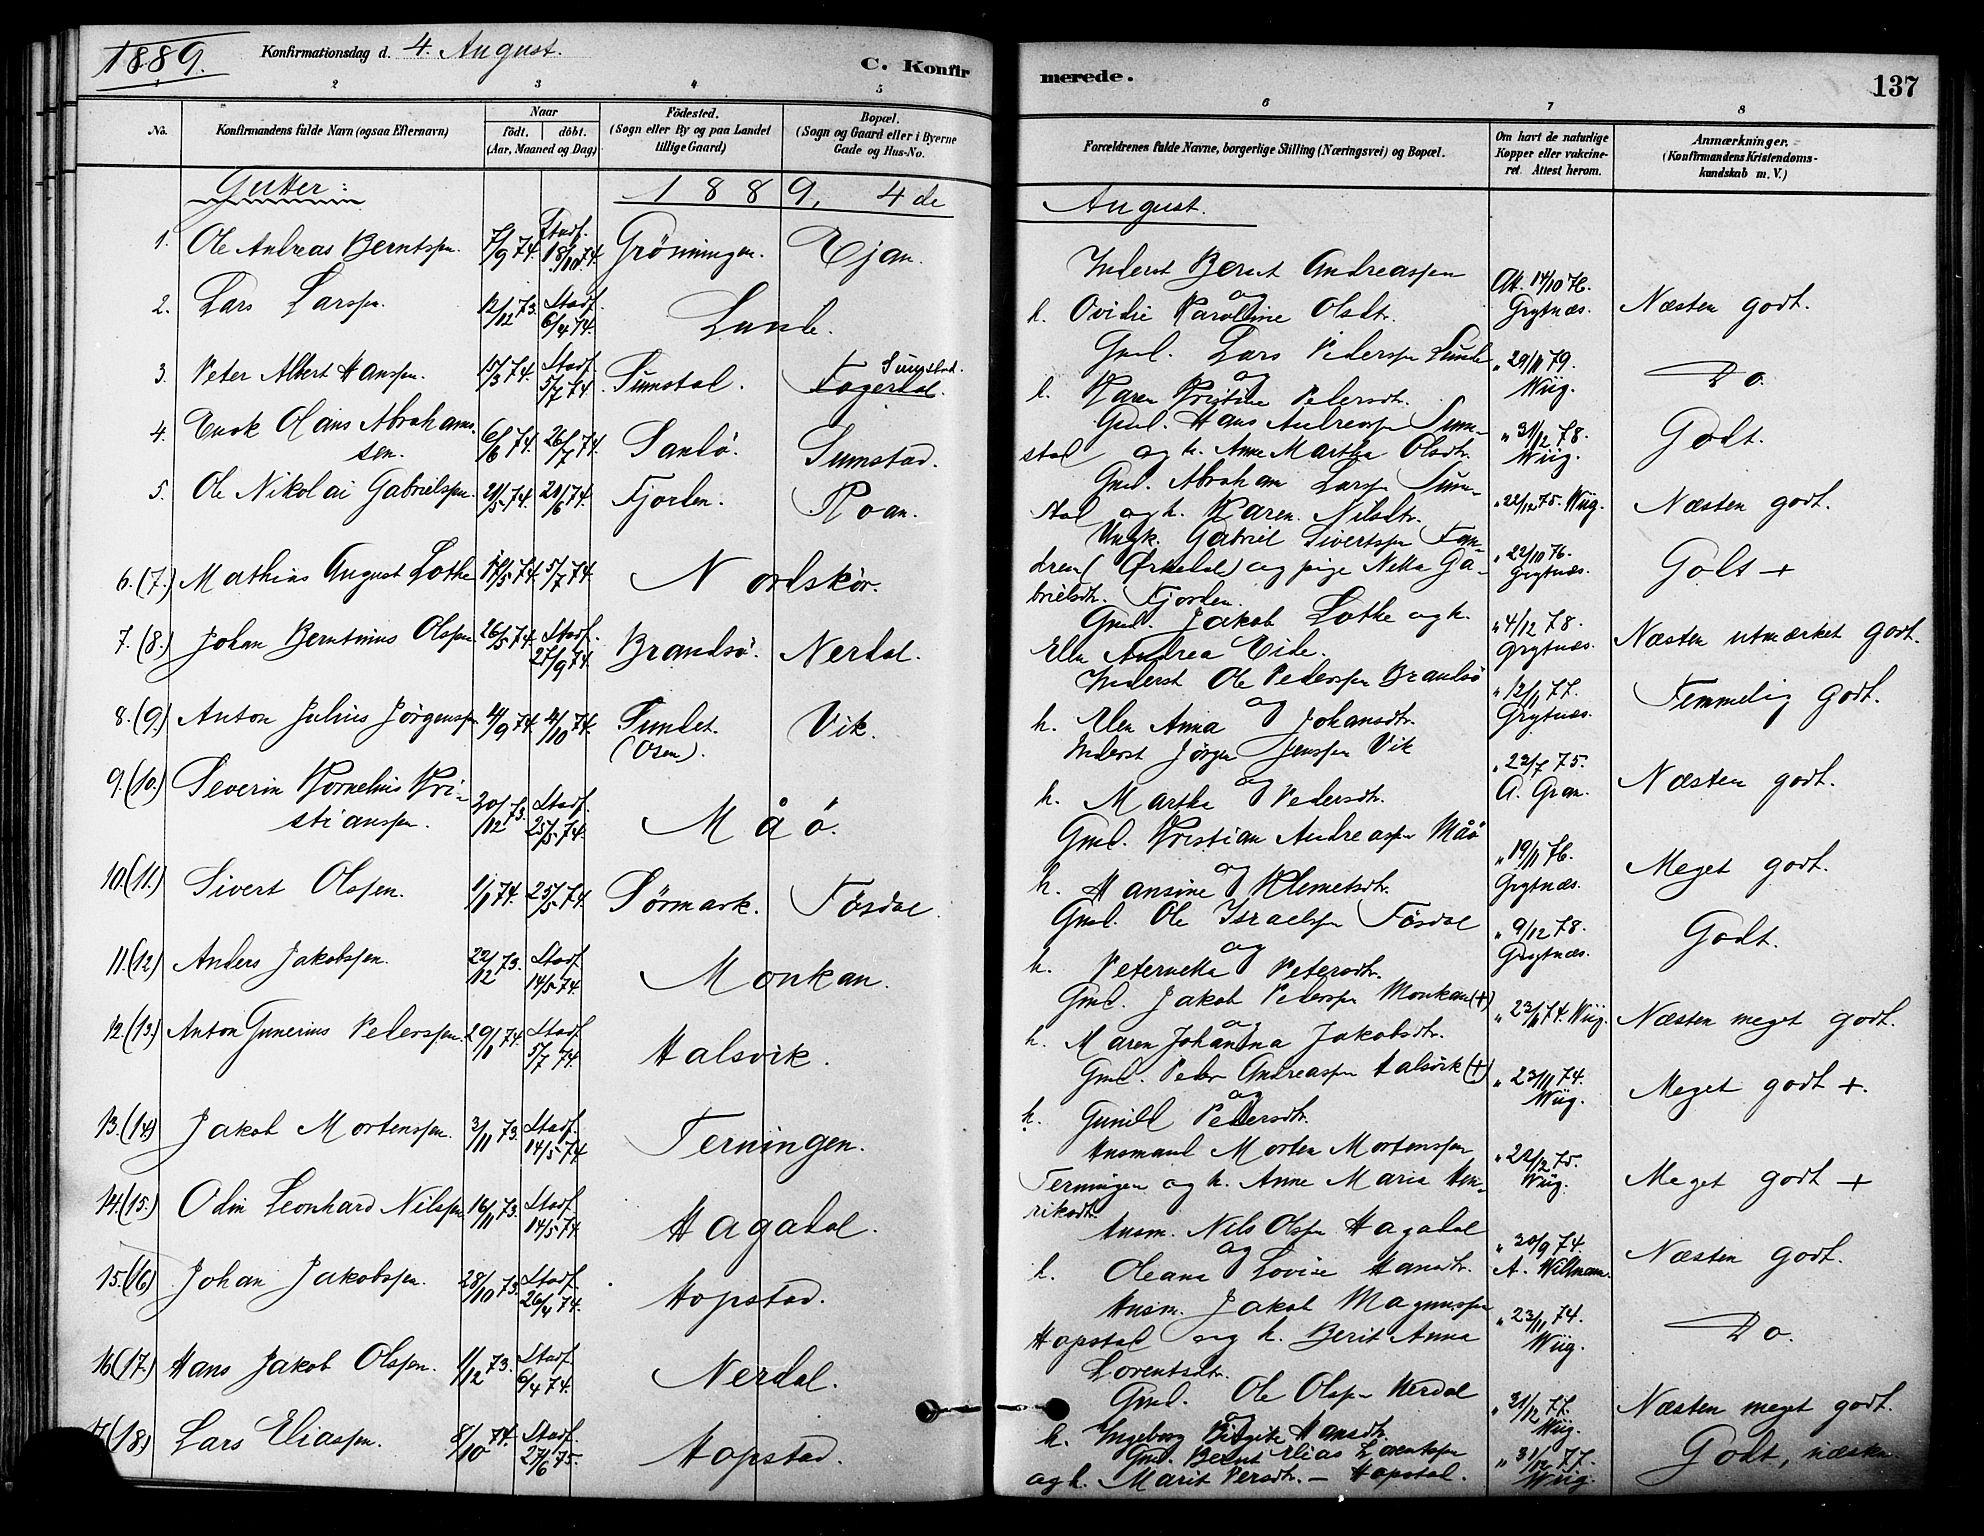 SAT, Ministerialprotokoller, klokkerbøker og fødselsregistre - Sør-Trøndelag, 657/L0707: Ministerialbok nr. 657A08, 1879-1893, s. 137